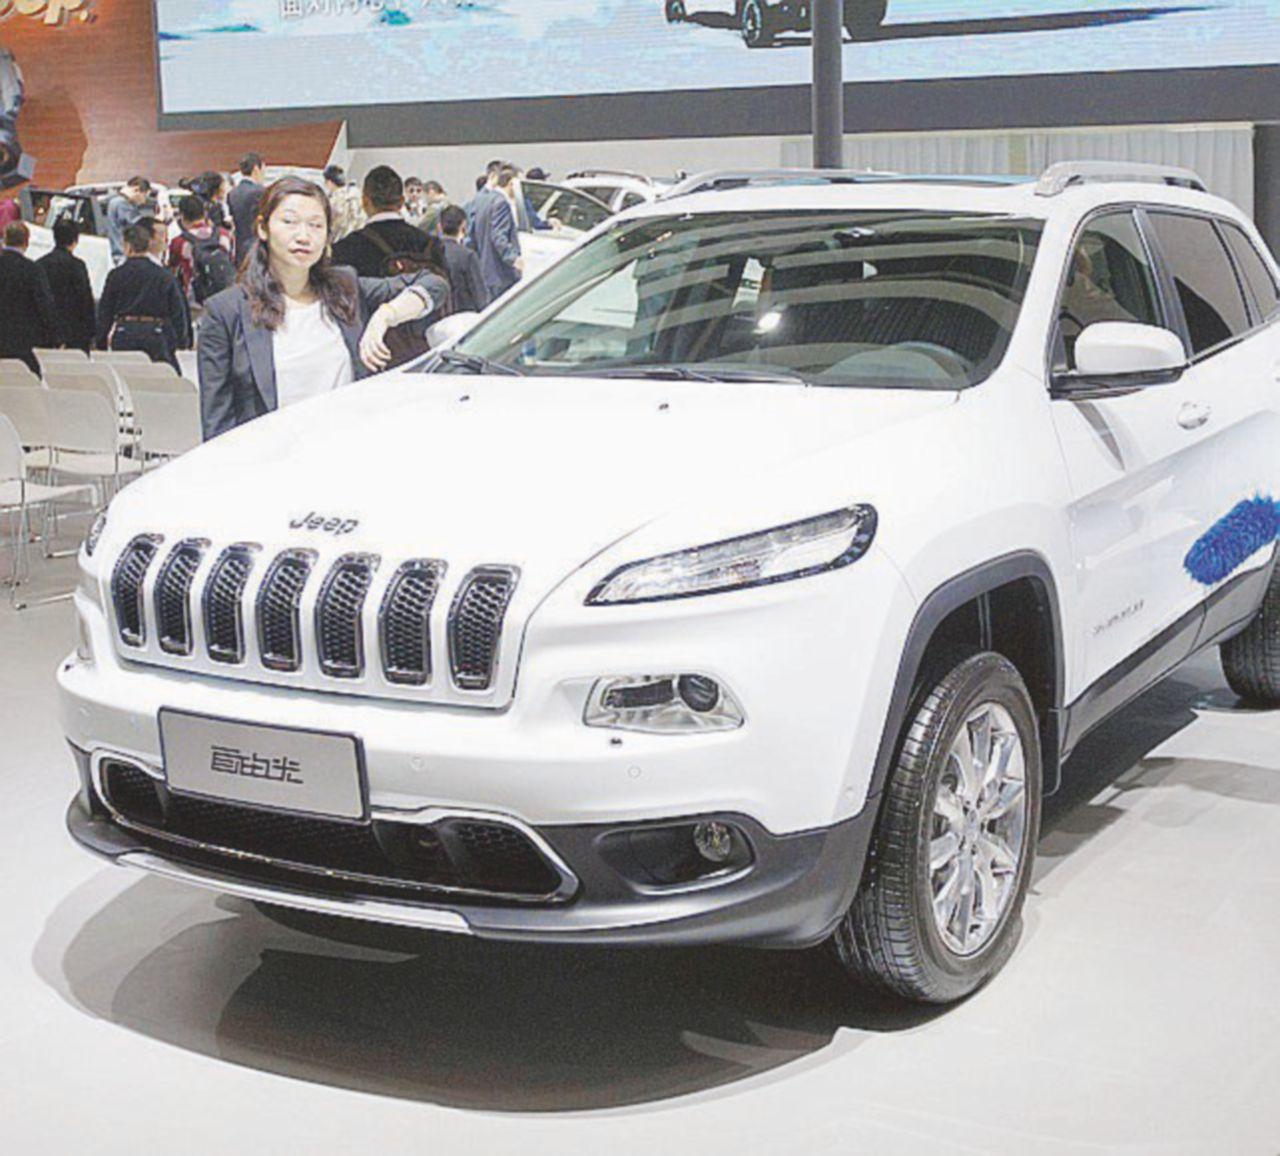 Fca, la mossa cinese per montare sulla Jeep